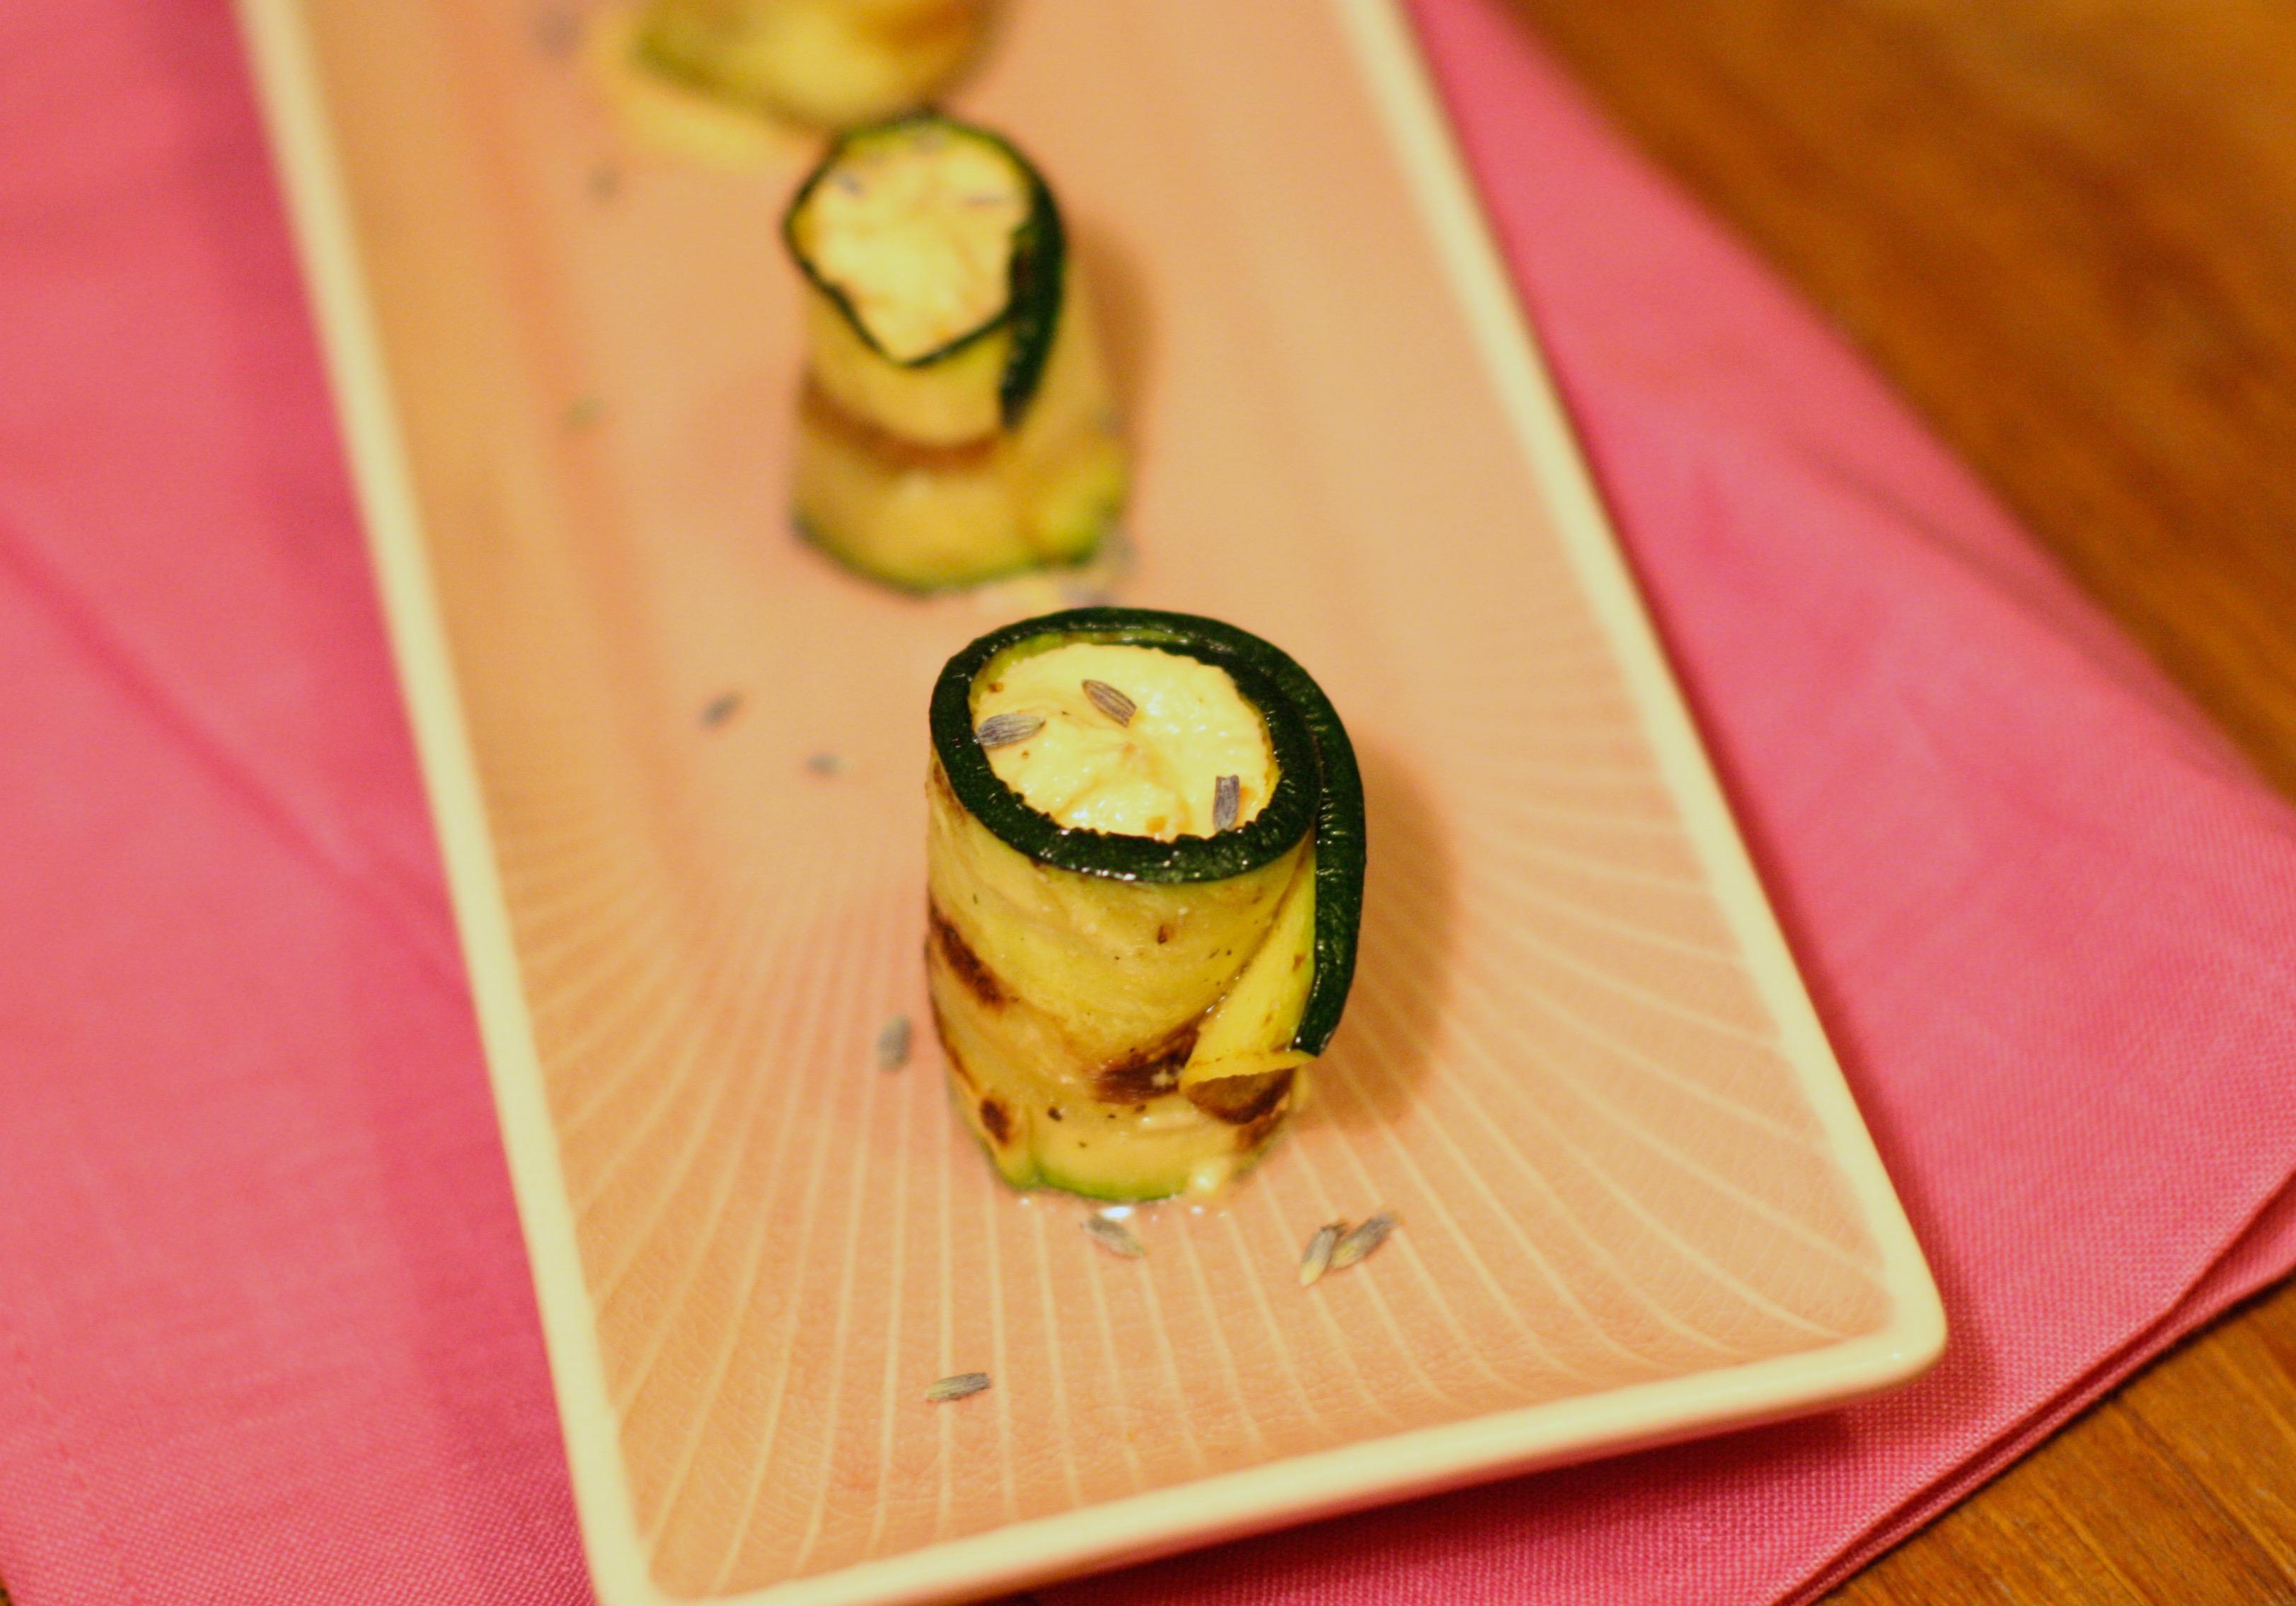 Schnelle Vorspeise: Zucchini-Rollen mit Parmesan